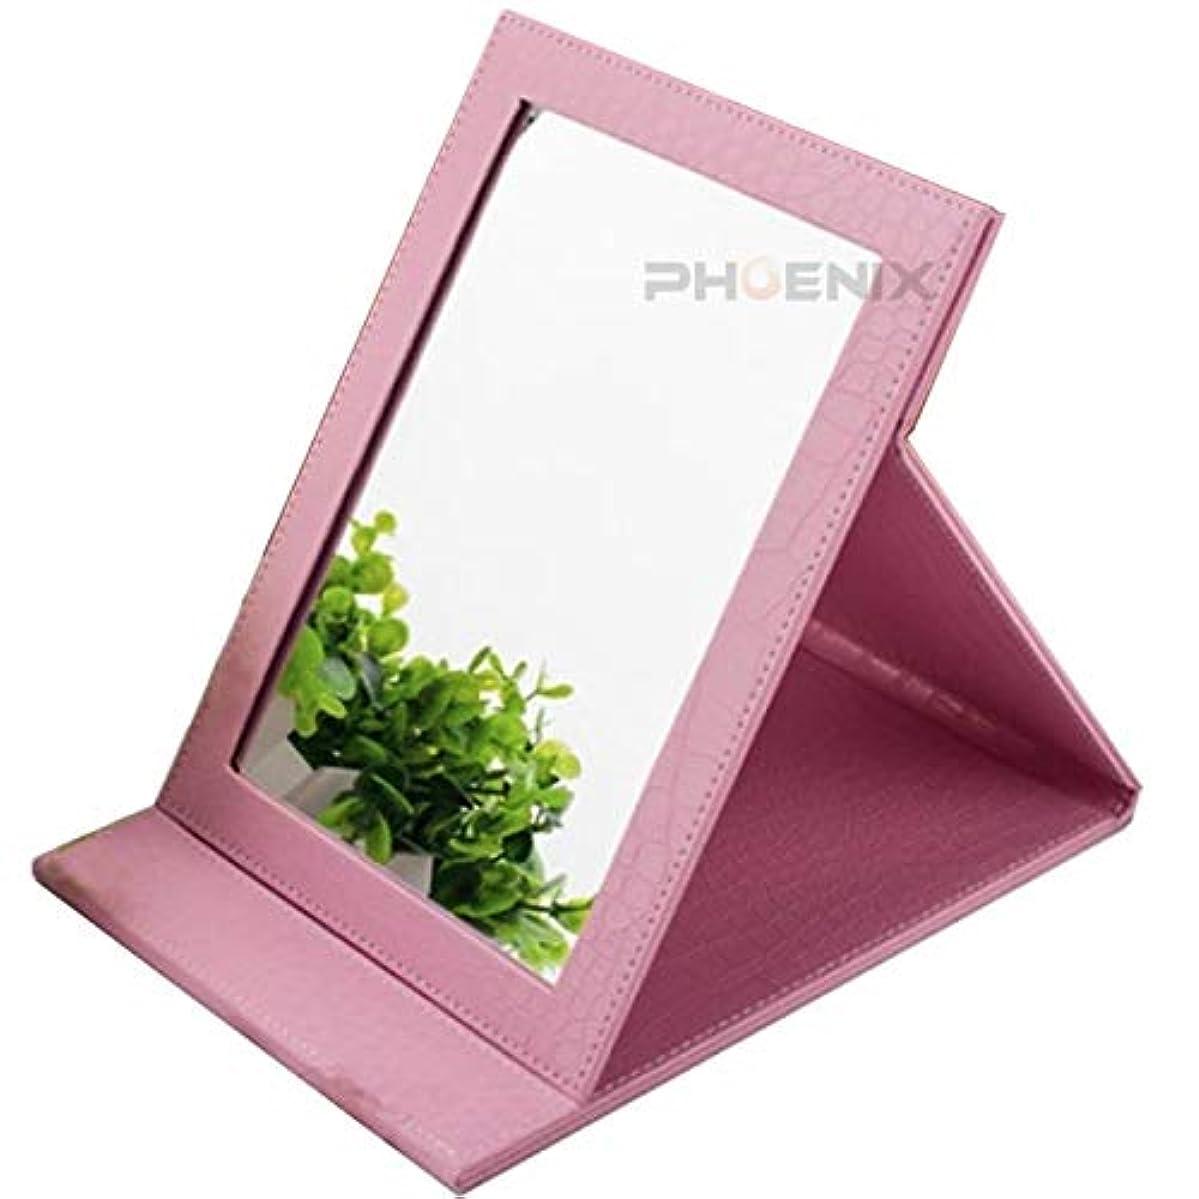 出口荒廃するオープナー卓上 ミラー 折りたたみ 化粧鏡 スタンドミラー テーブルミラー メイク ミラー おしゃれ 持ち運び 旅行 プレゼント 角度調整 中型 9カラー クロコダイル,ピンク